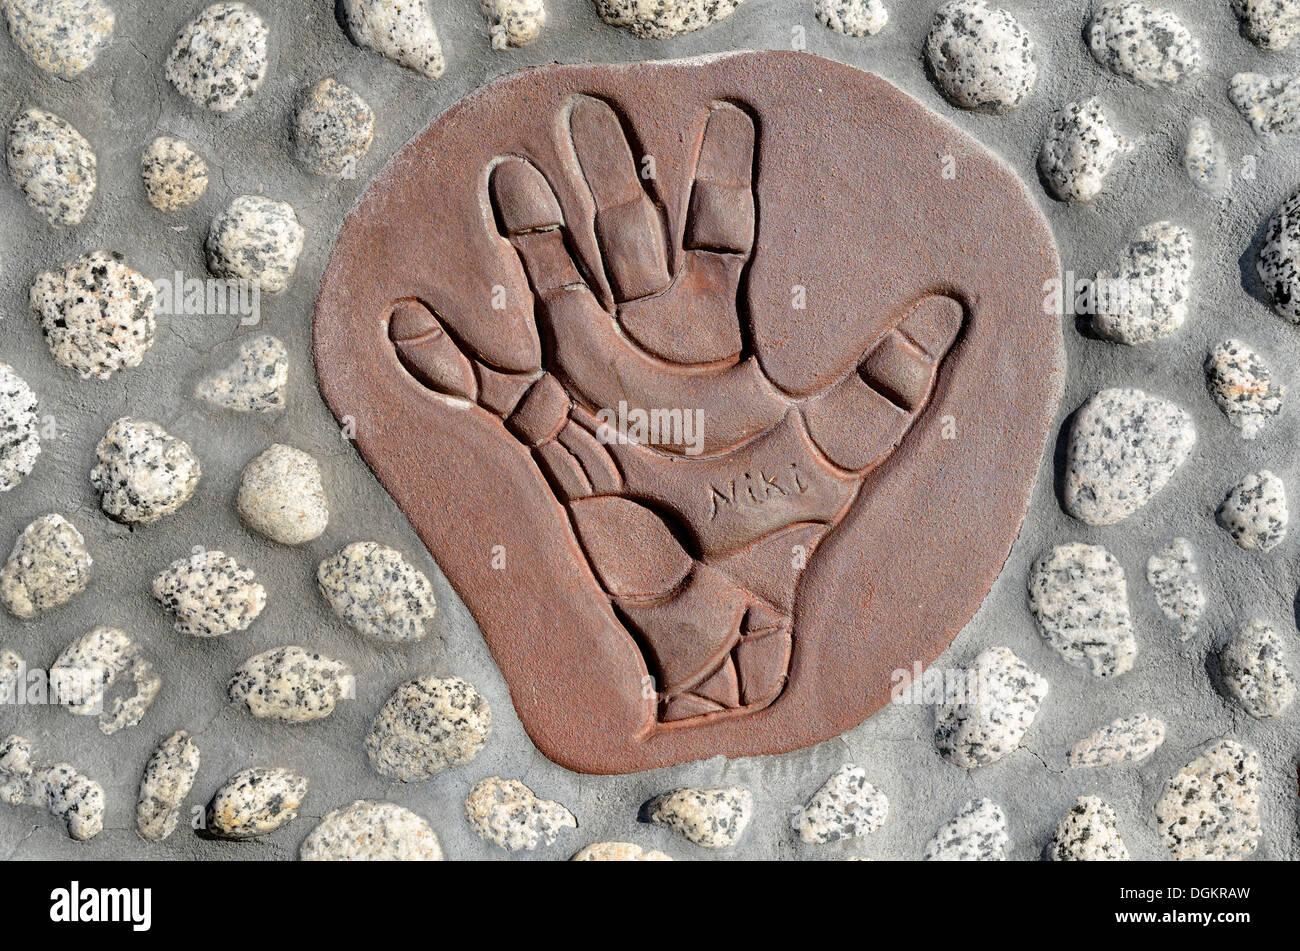 Handabdruck als Signatur des Kunstwerks, Königin Califa Magical Circle Spätwerk des französischen Bildhauers Niki de Saint Phalle Stockbild